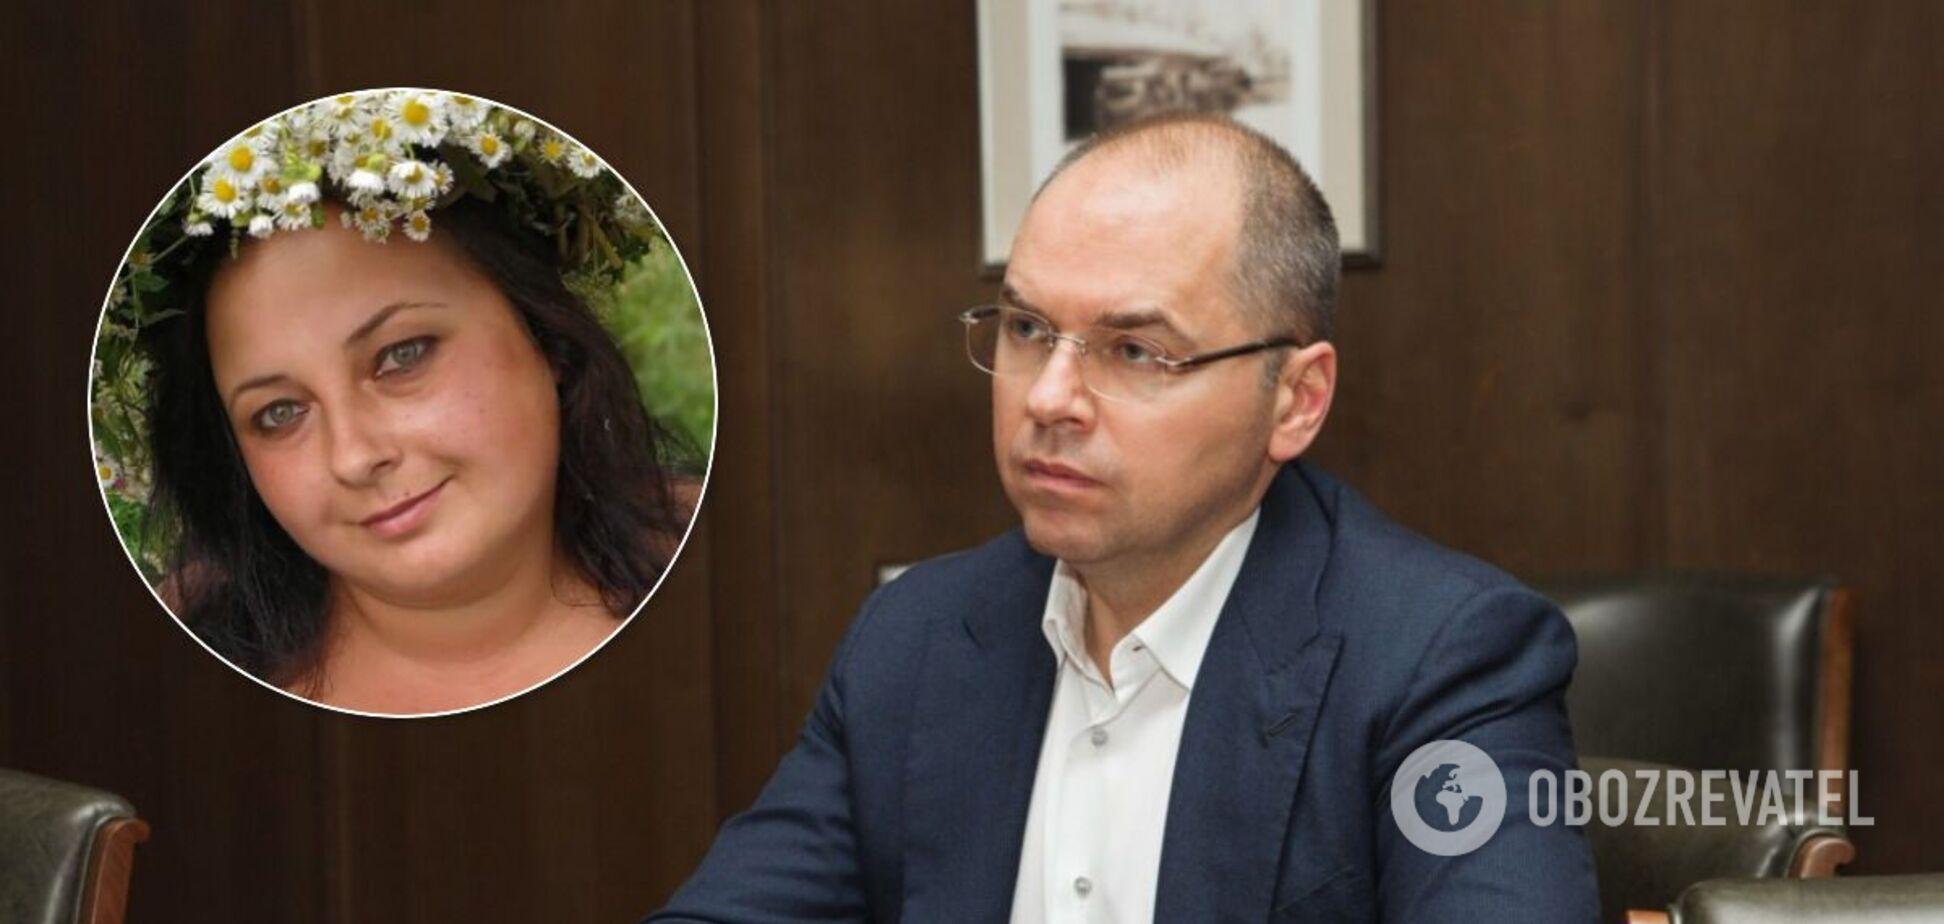 В Минздраве ответили на смерть преподавательницы в Житомире, которая заявляла о нехватке кислорода